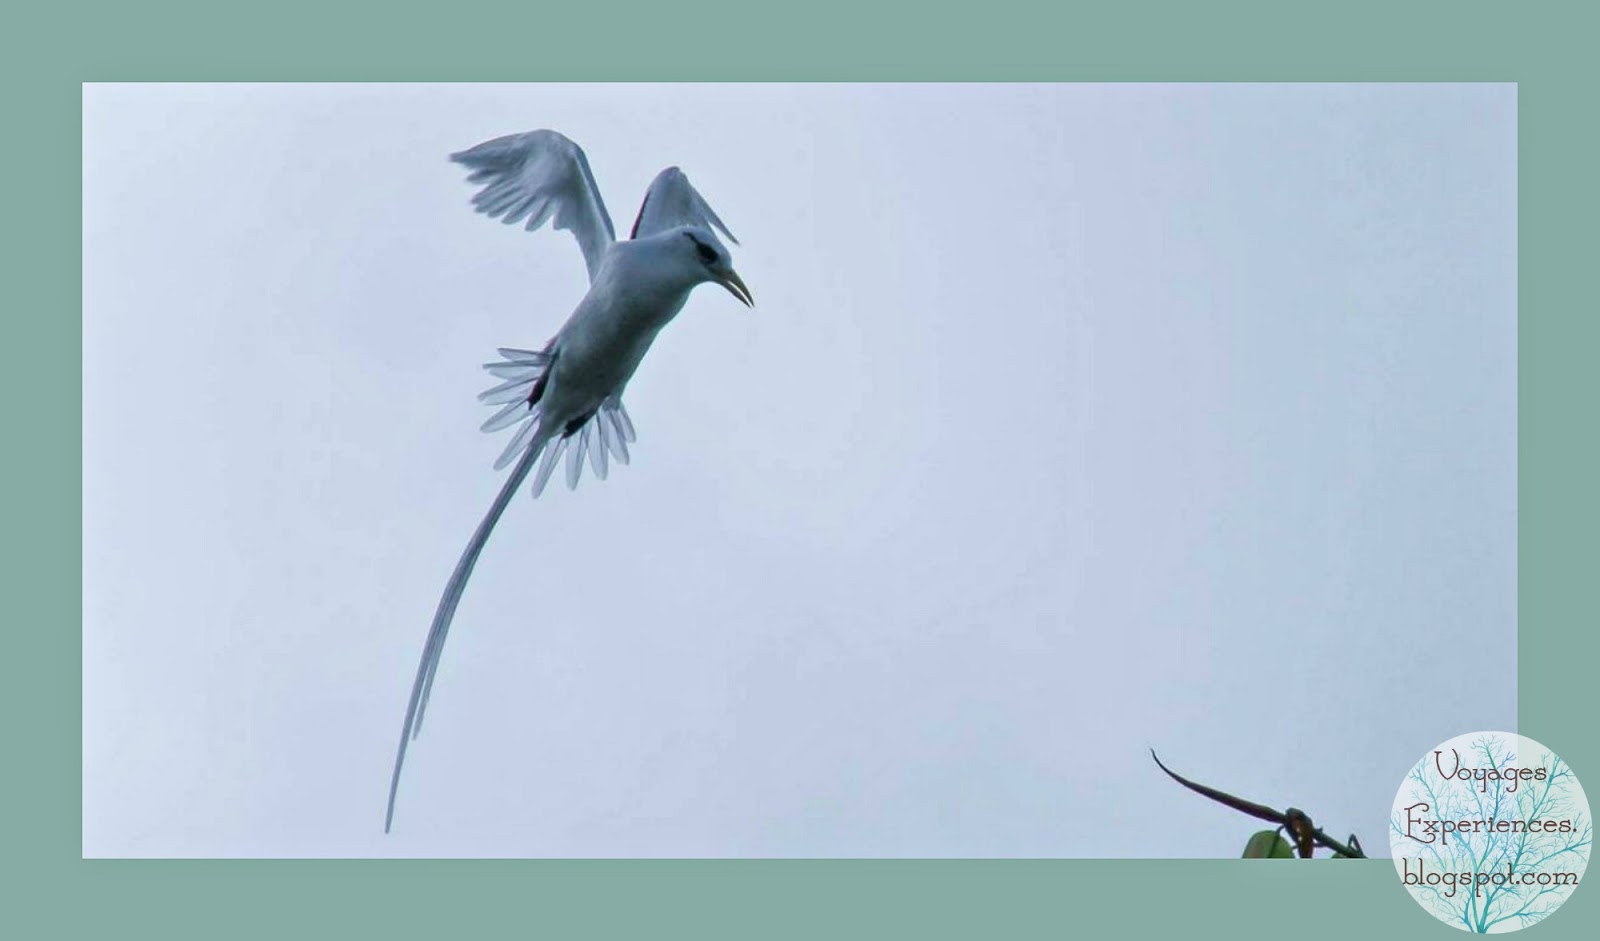 Voyages Et Experiences Oiseaux De L Ile Maurice